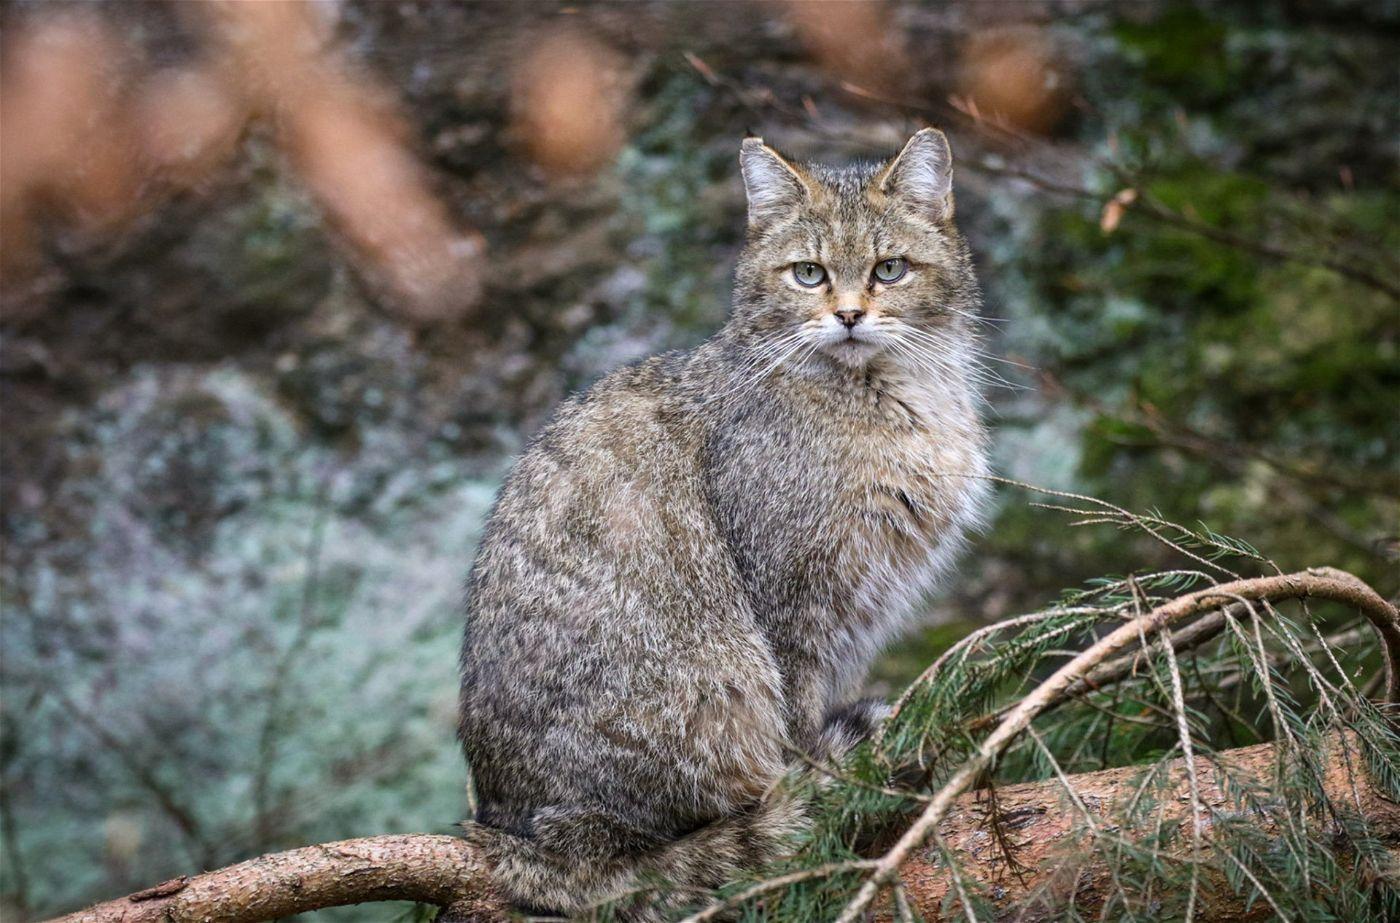 Wildkatzen haben ein hervorragendes Gehör und können auch in der Dämmerung sehr gut sehen. Ihre Schnurr- und Tasthaare sind besonders lang ausgeprägt und fallen sofort im Erscheinungsbild auf.